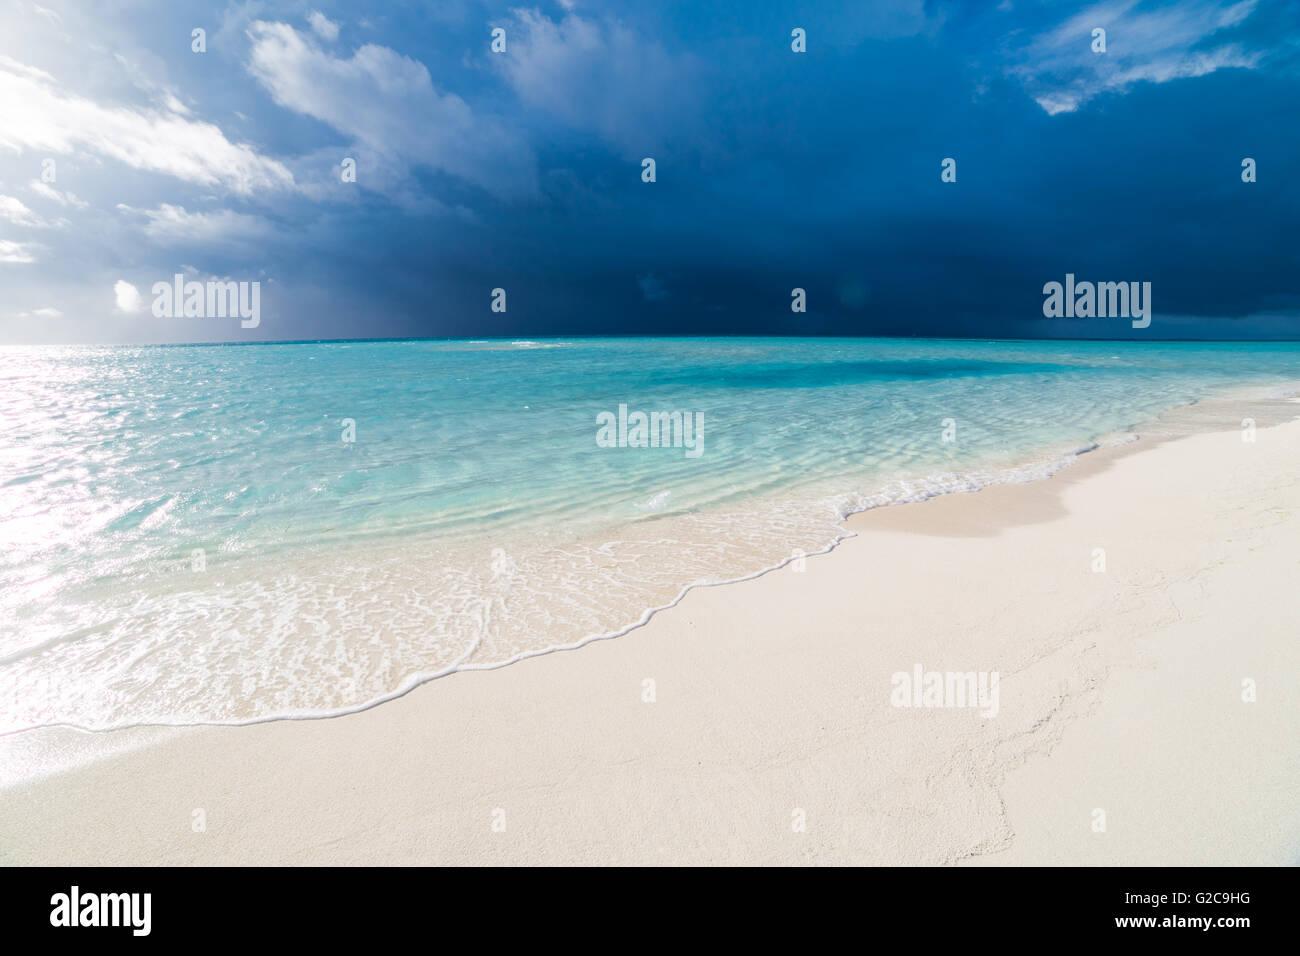 Weiße tropischen Strand auf den Malediven mit blauen Lagune und ein tropischer Sturm Stockbild